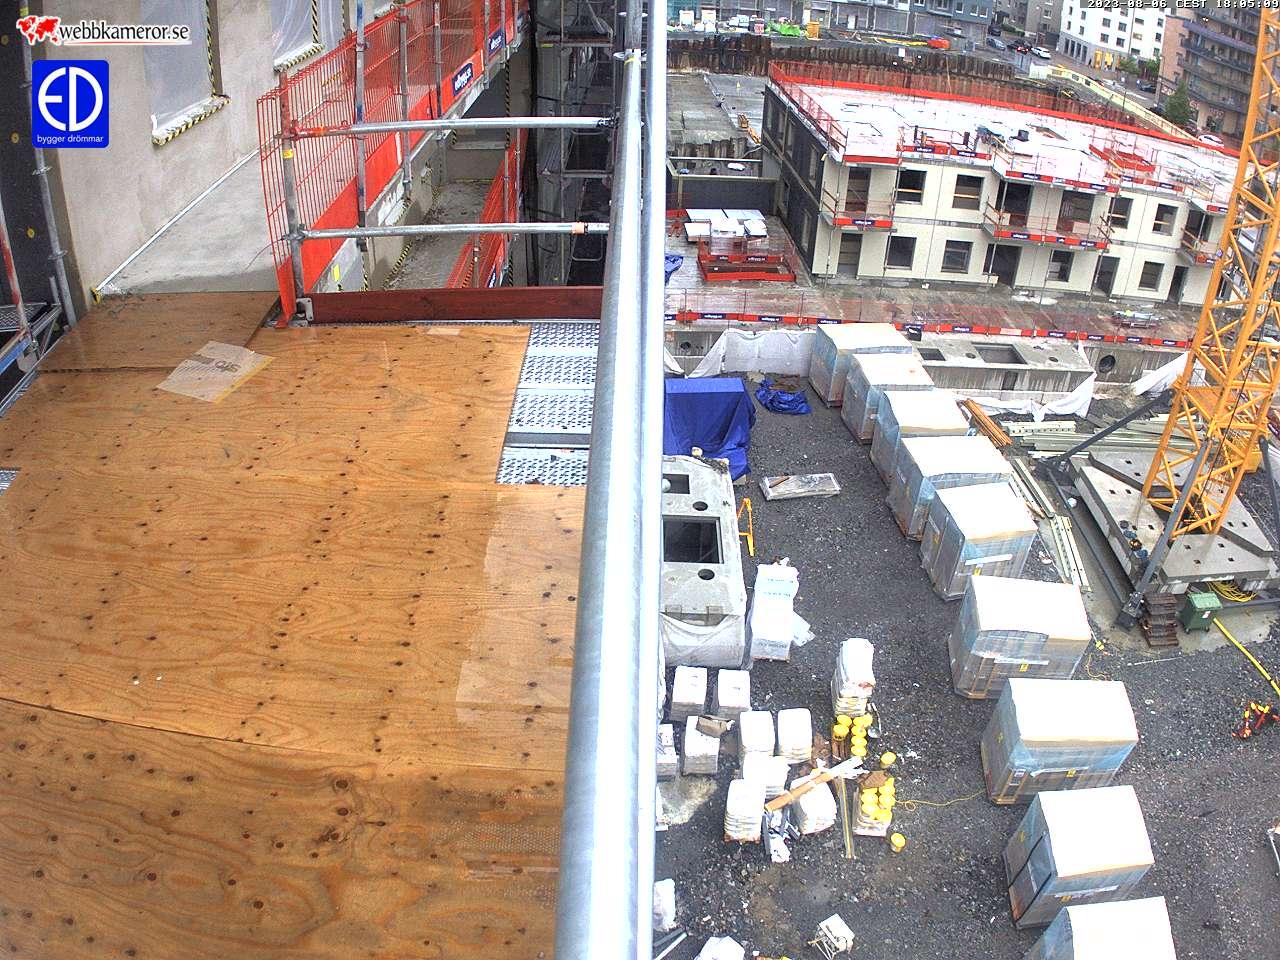 Webbkamera - Brf Norrskenet, Norrköping